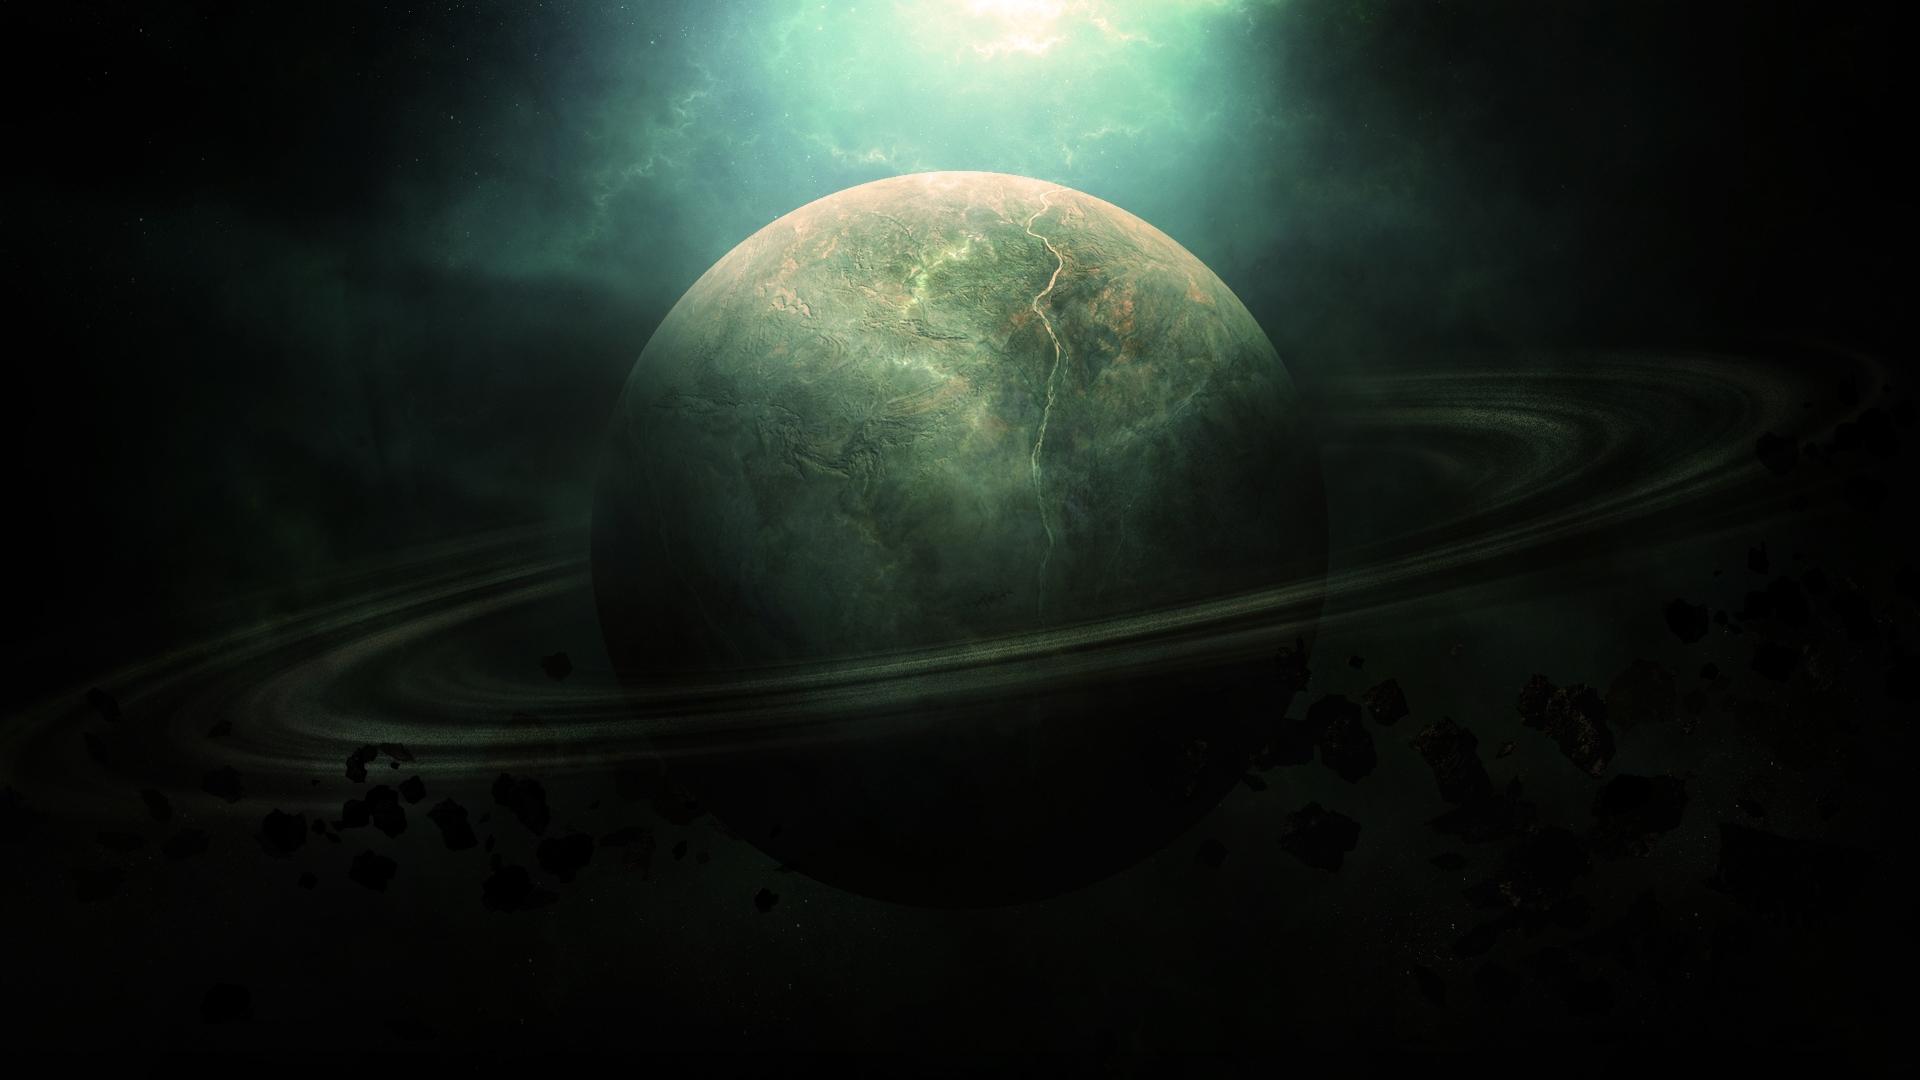 свет космос, планет с астероидным поясом, скачать фото, обои для рабочего стола